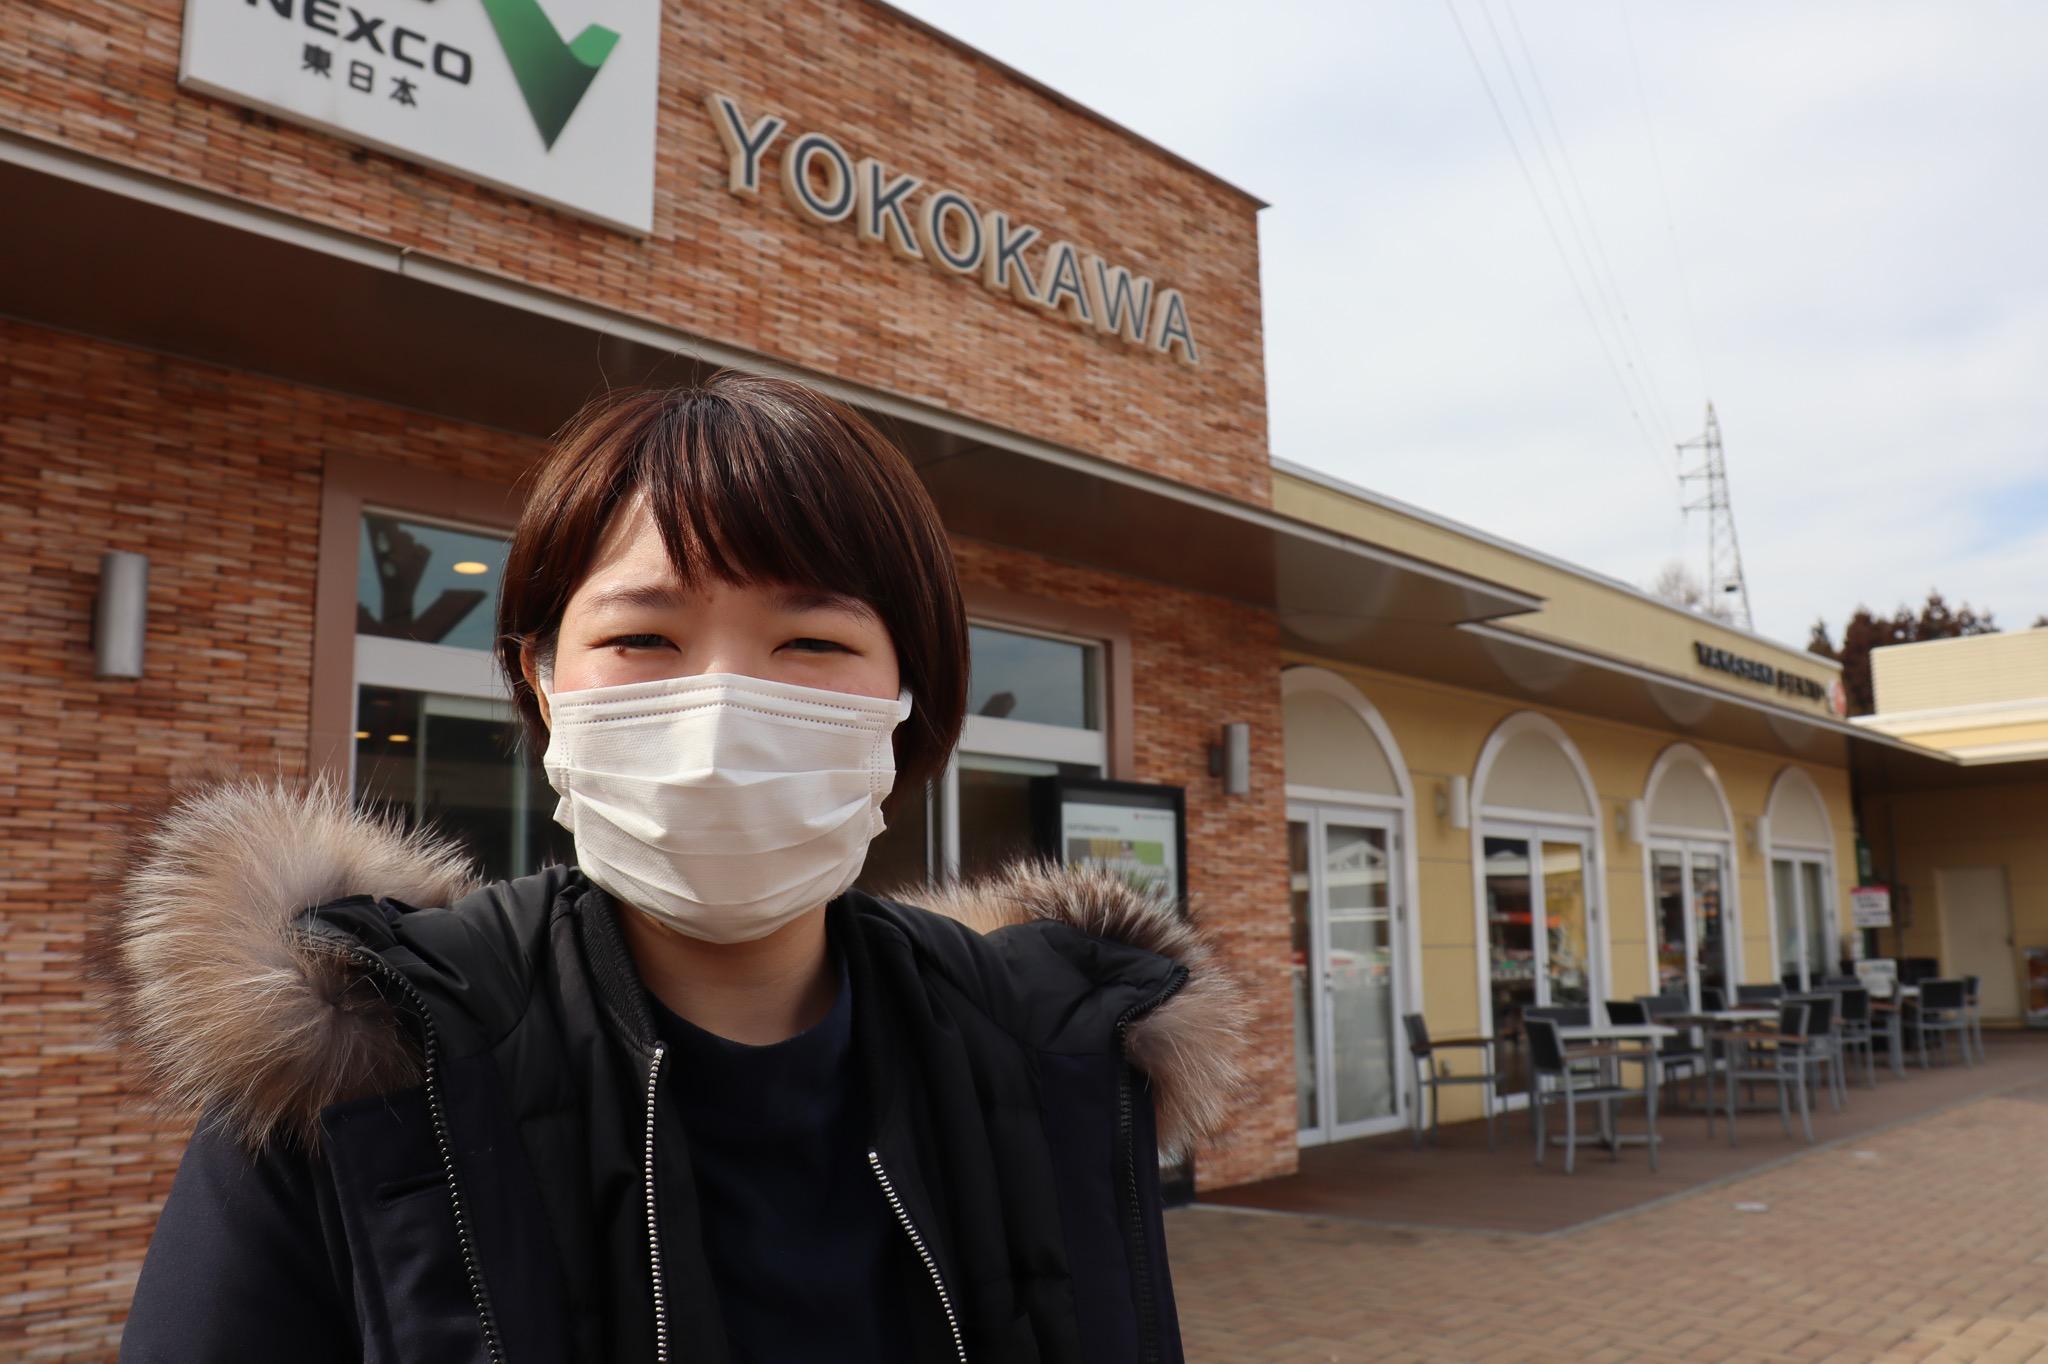 横川SAで寒そうな女性